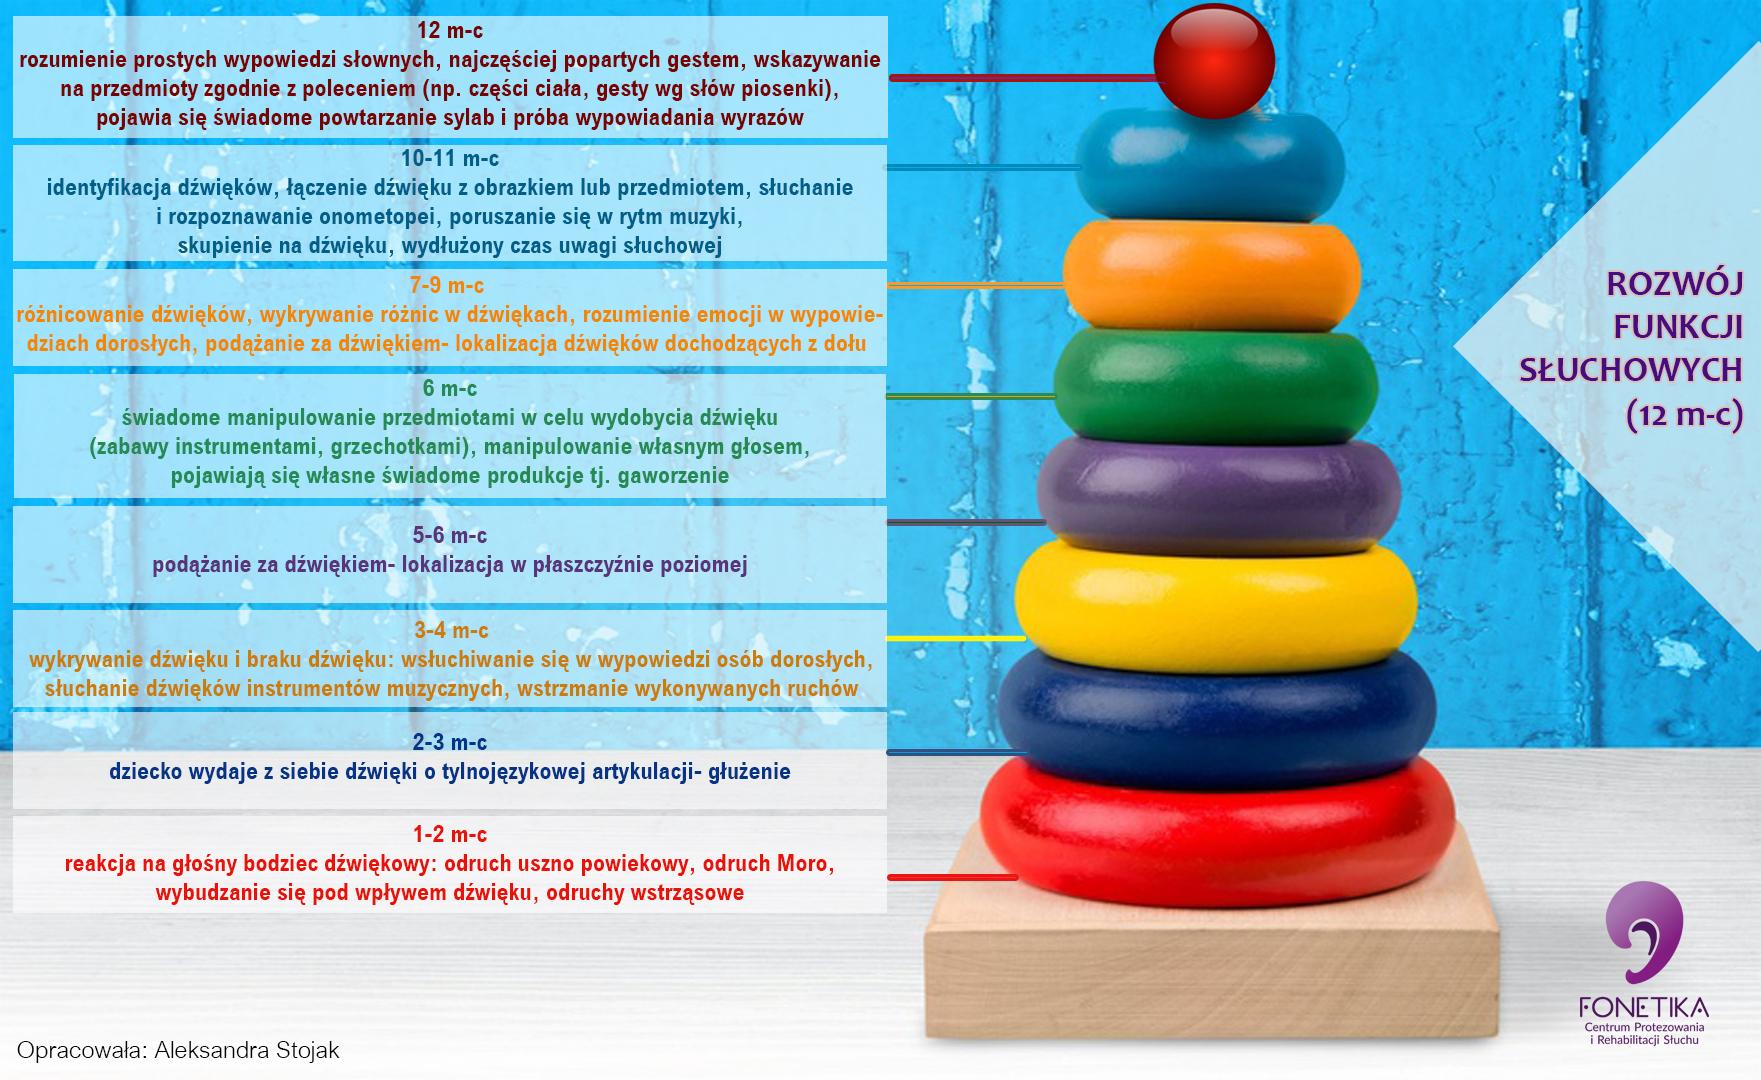 piramida reakcji słuchowych